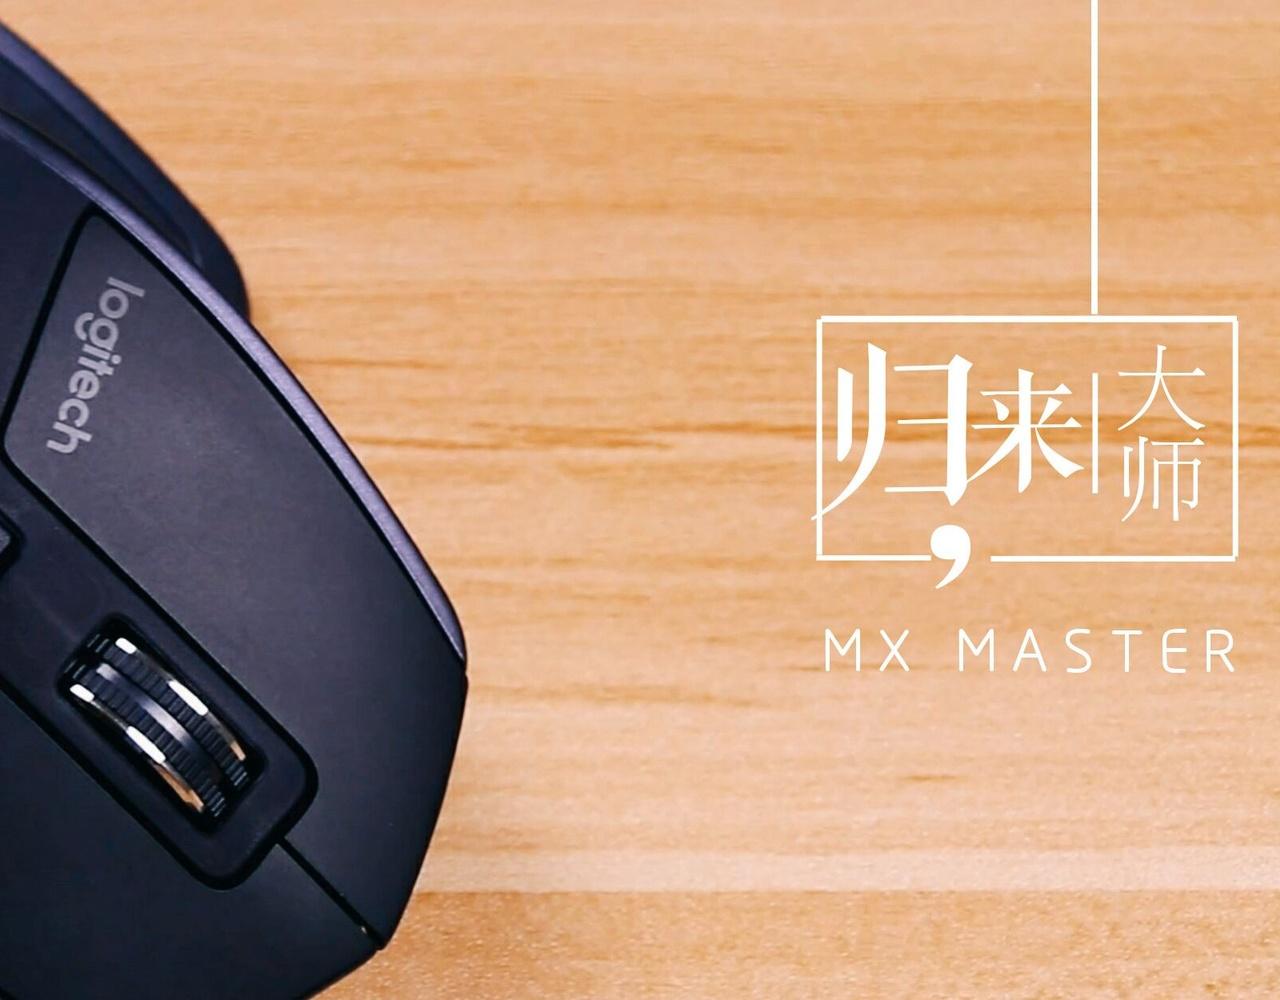 办公神器:罗技MX Master大师鼠标详细评测!